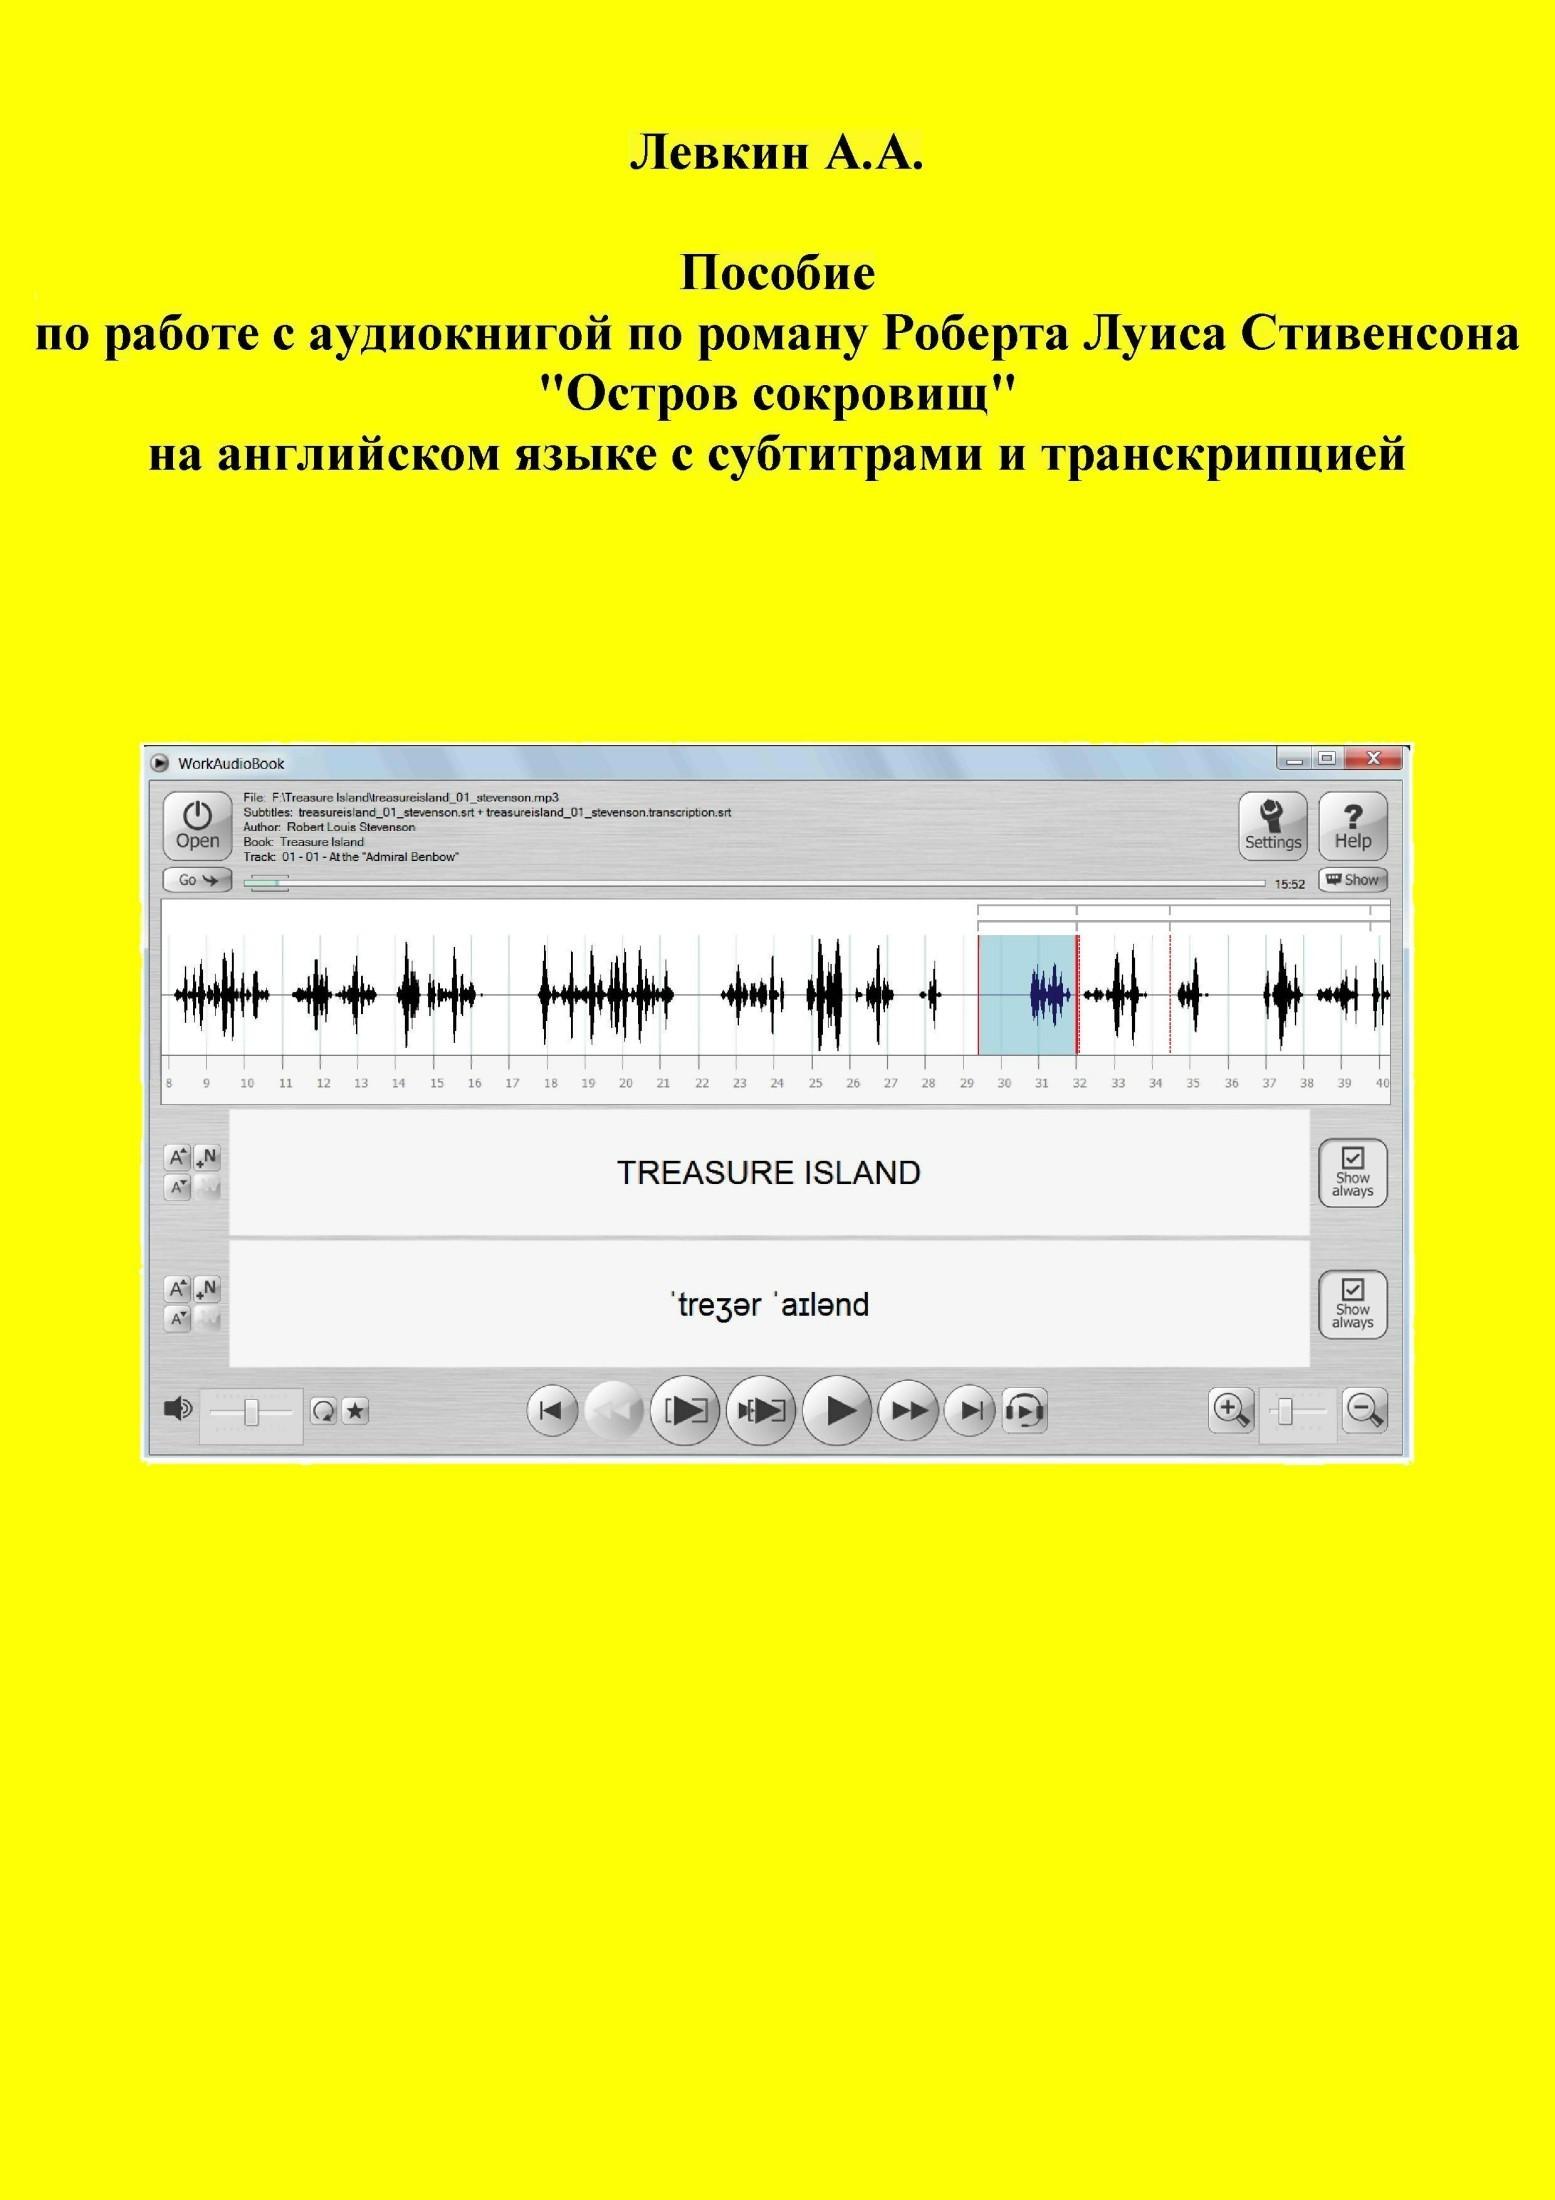 Александр Левкин Пособие по работе с аудиокнигой по роману Роберта Луиса Стивенсона «Остров сокровищ» на английском языке с субтитрами и транскрипцией стихи на английском языке с транскрипцией з 4 года